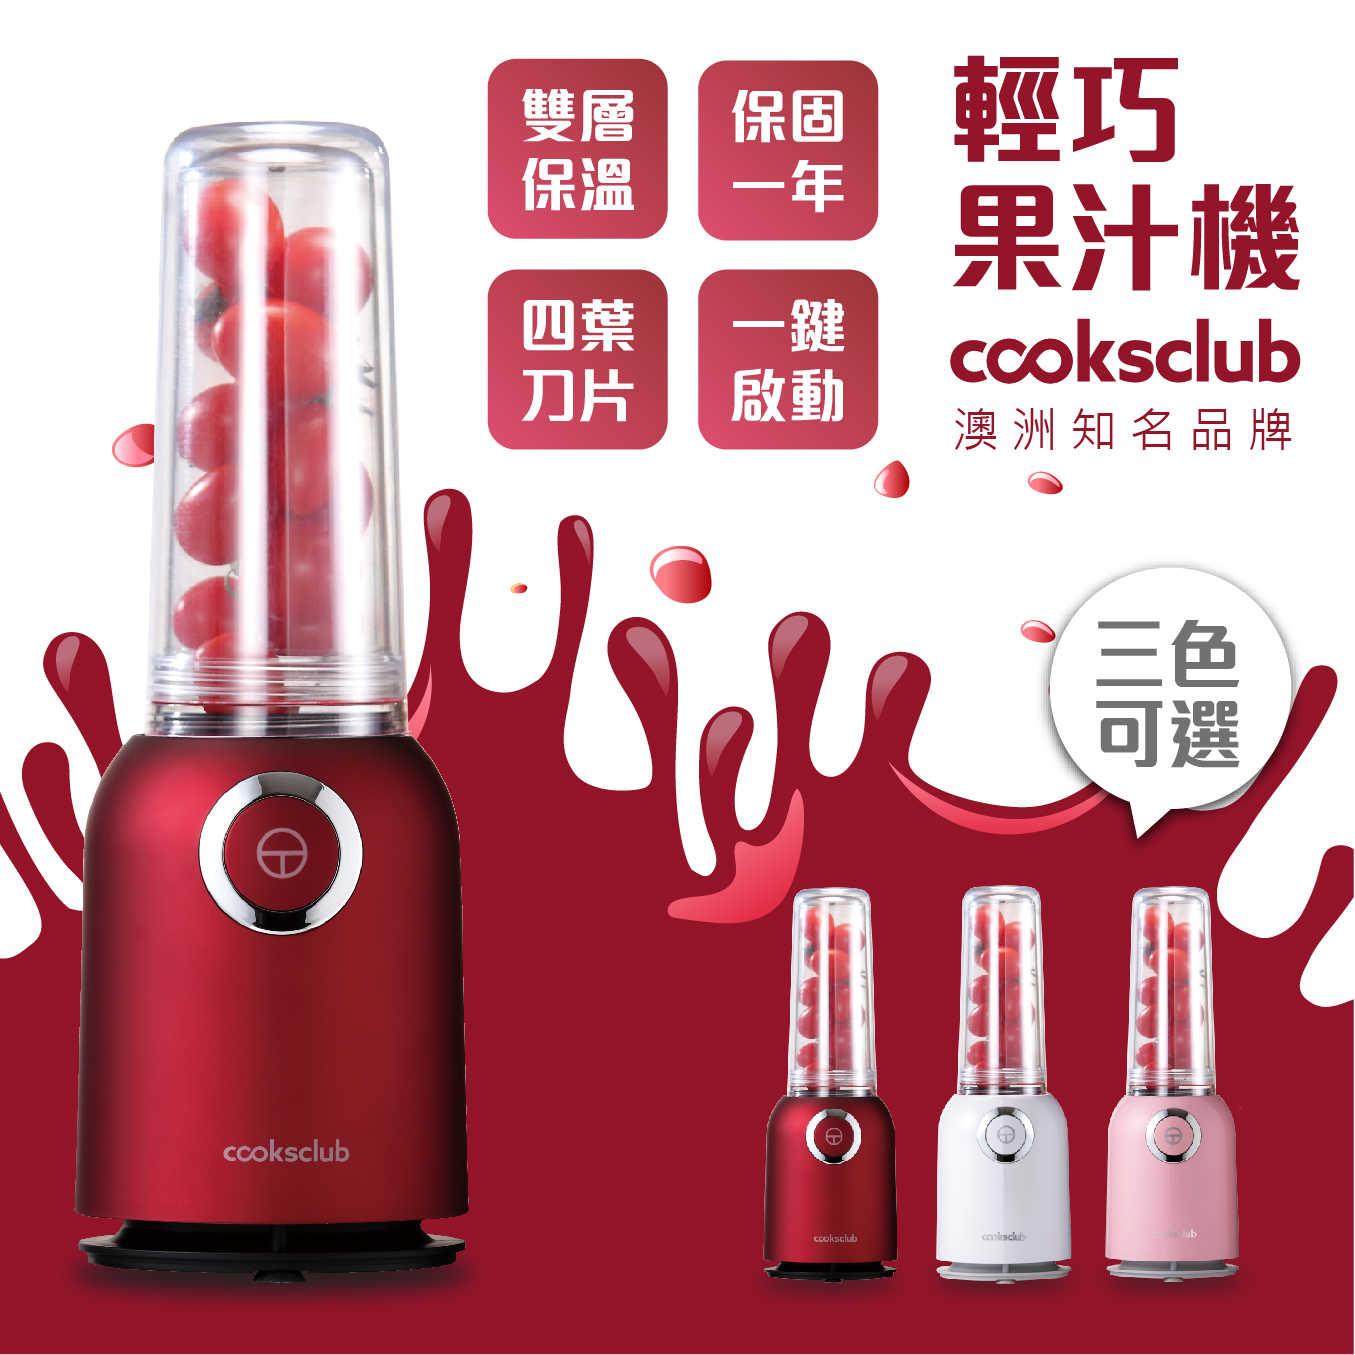 澳洲Cooks club 歡樂雙享輕巧果汁機 (燭光紅/甜心粉/活力白)